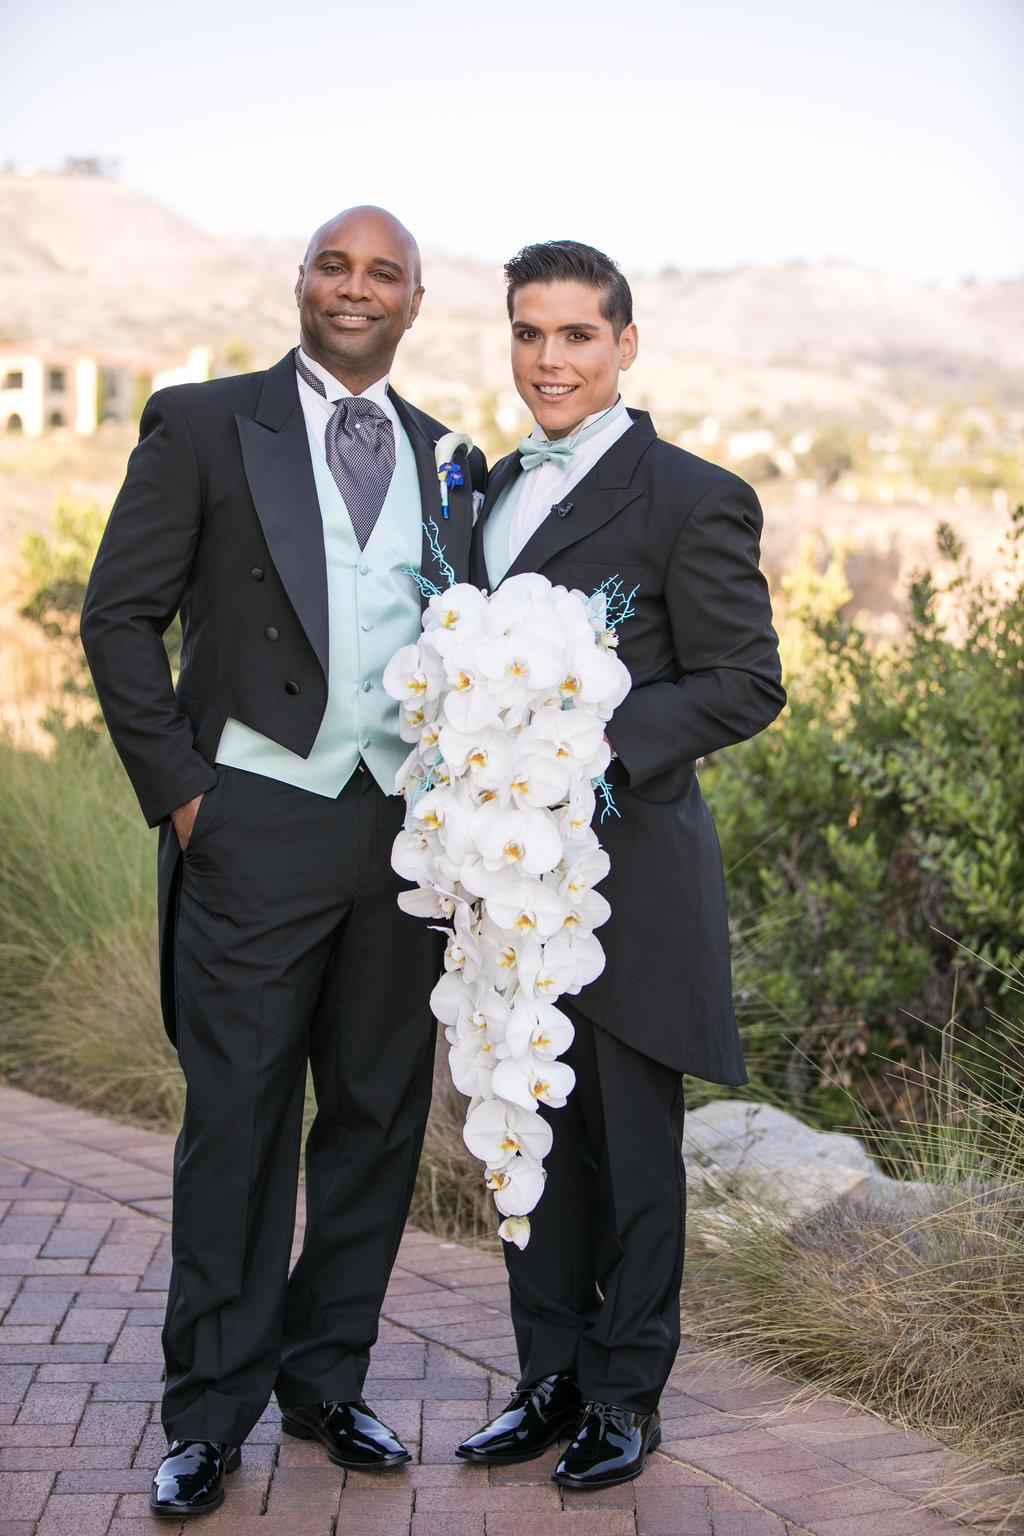 The Wedding of Luke & Paolo